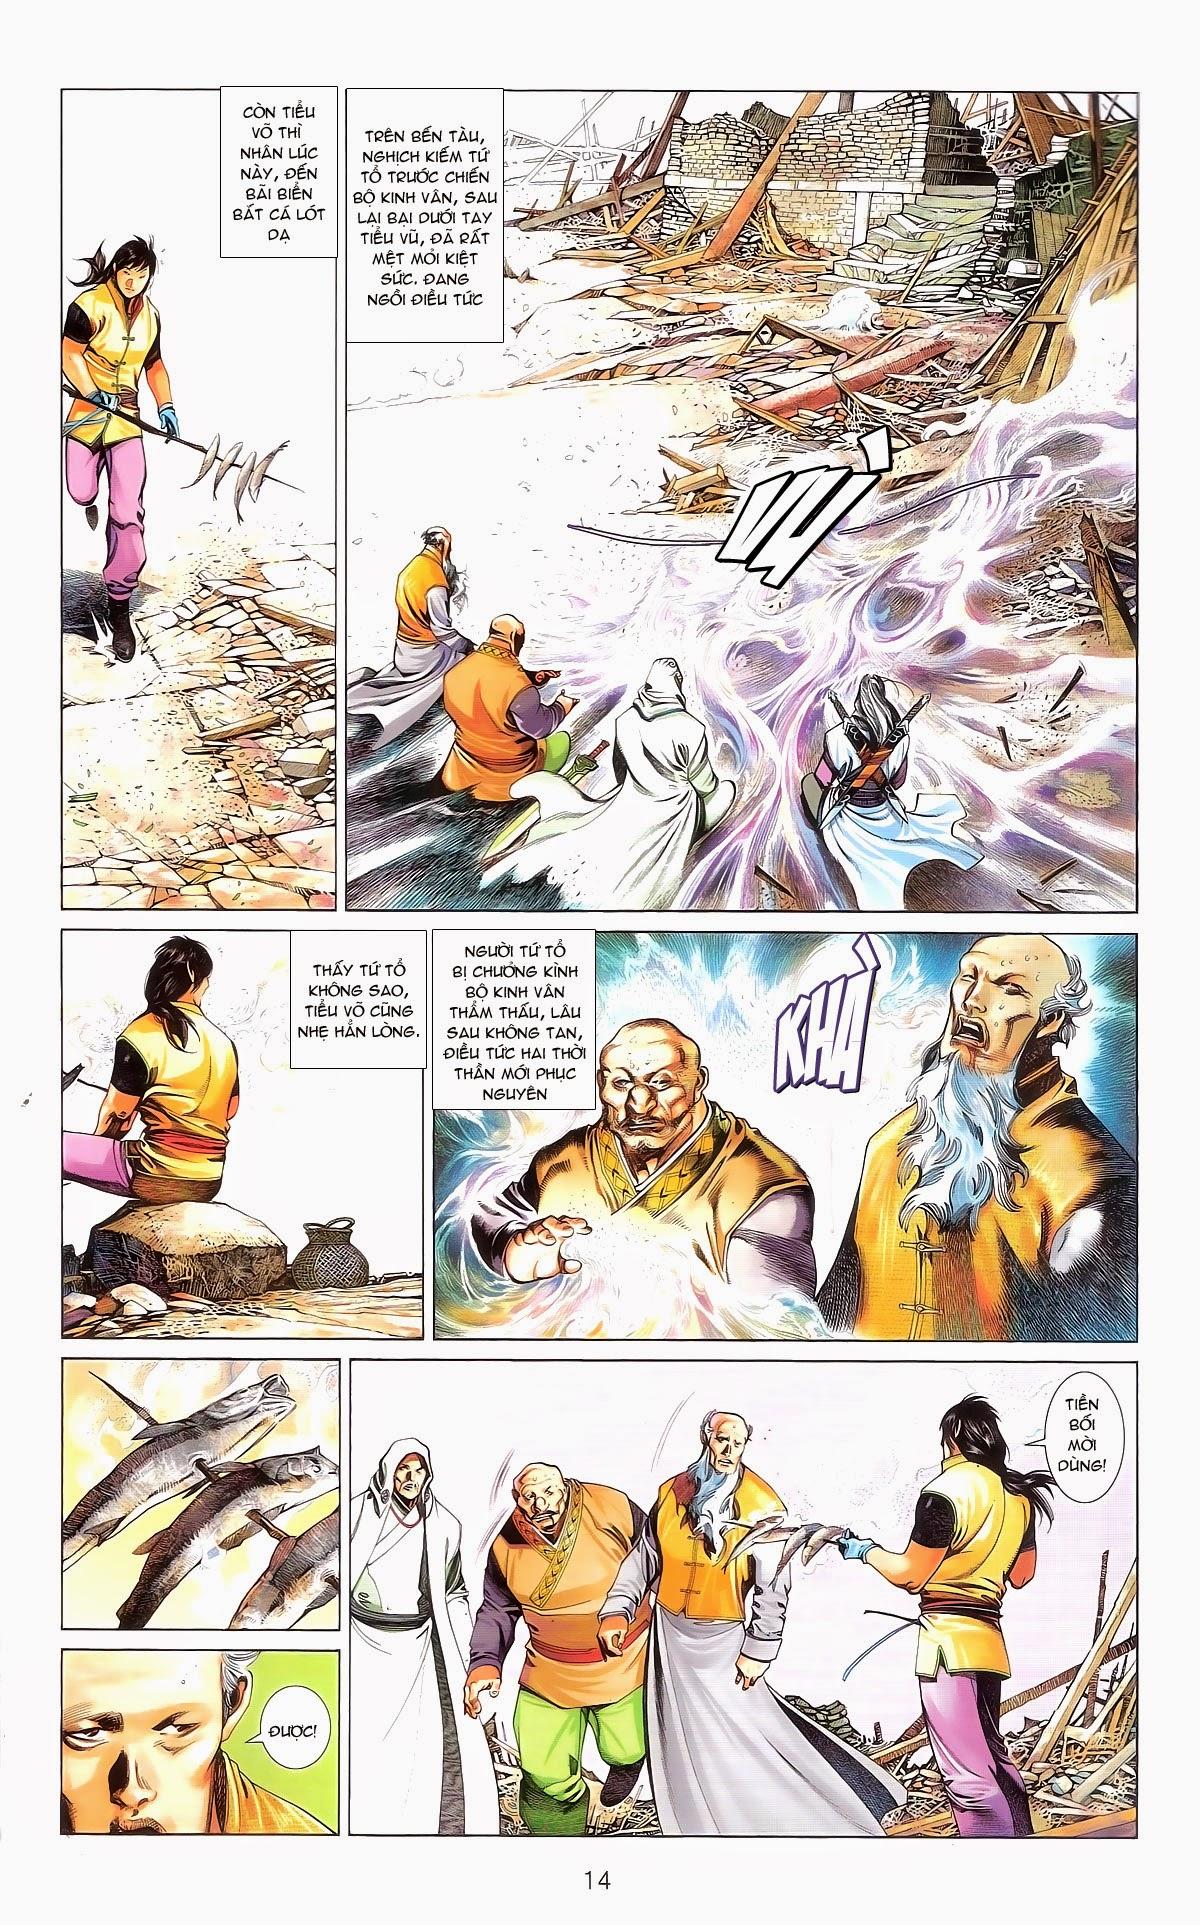 Phong Vân chap 674 – End Trang 16 - Mangak.info